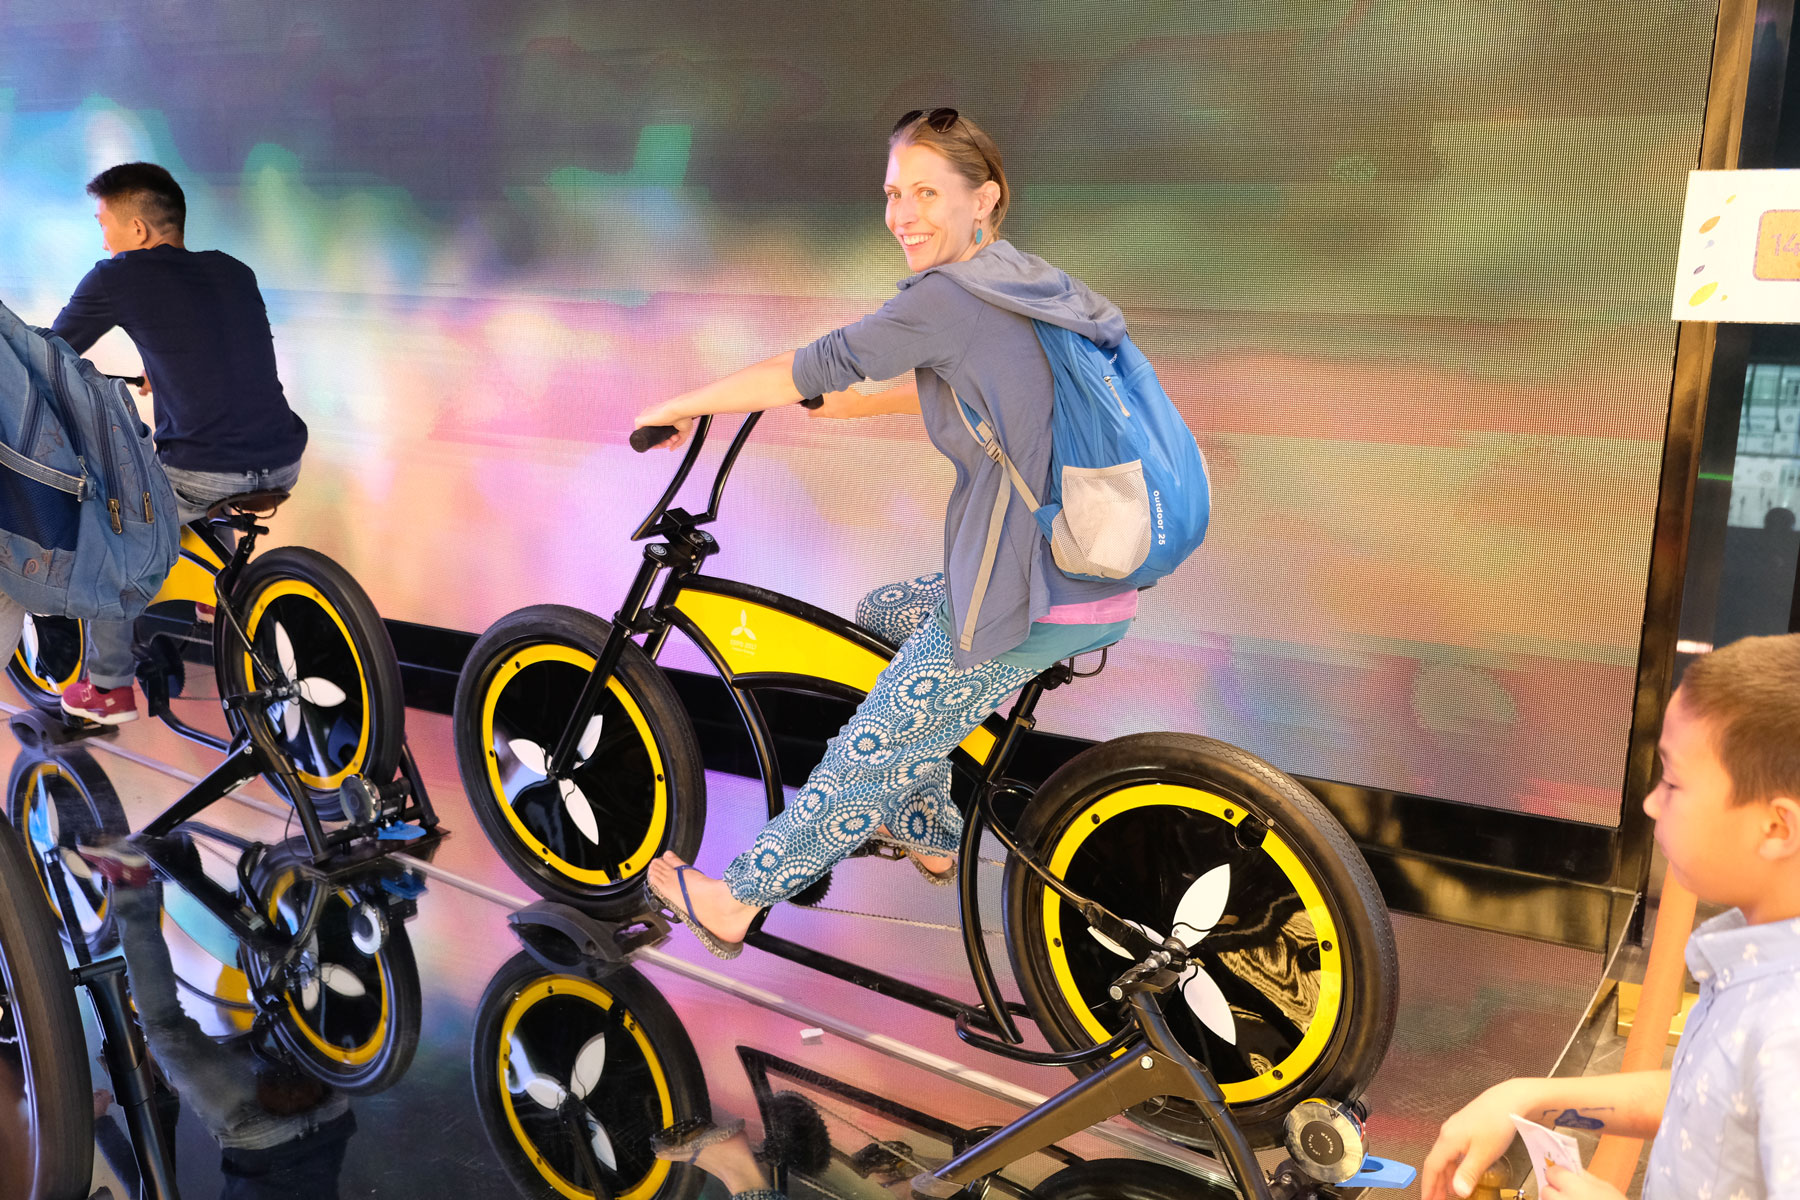 Im Innern gibt es viele Mitmach-Angebote. Hier Leo auf dem Energie-Fahrrad.